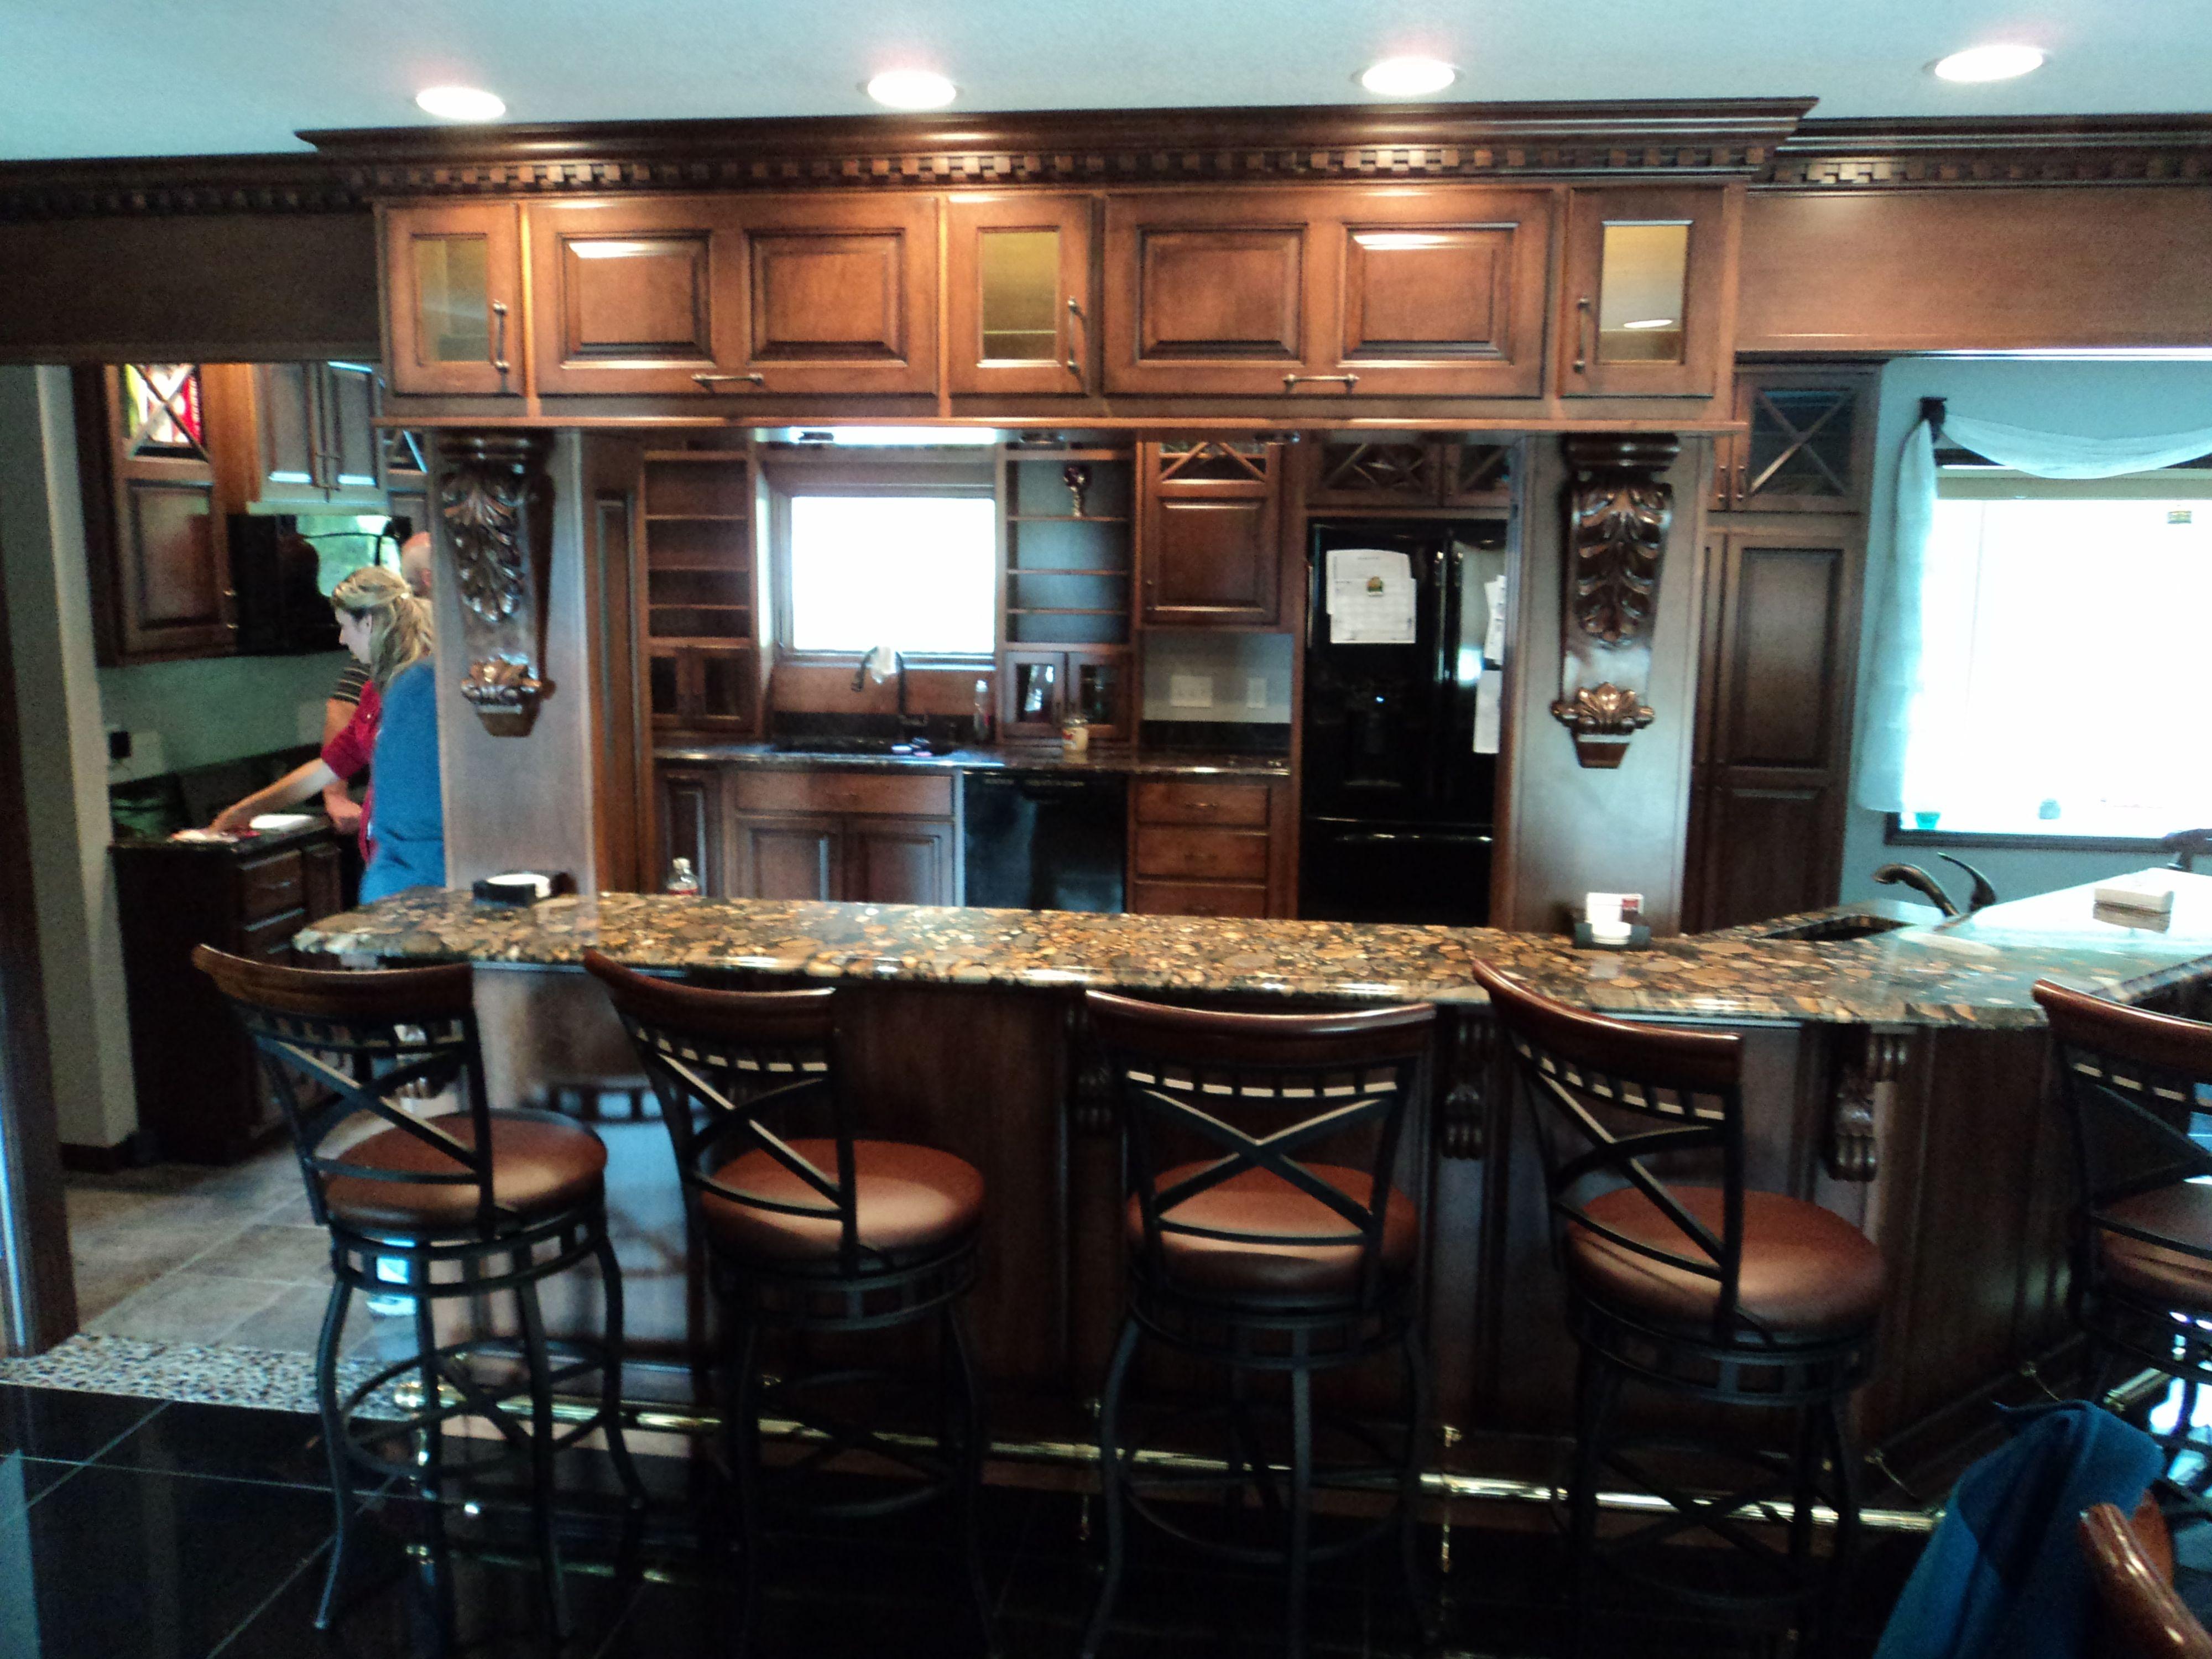 High End Kitchen Remodel - After